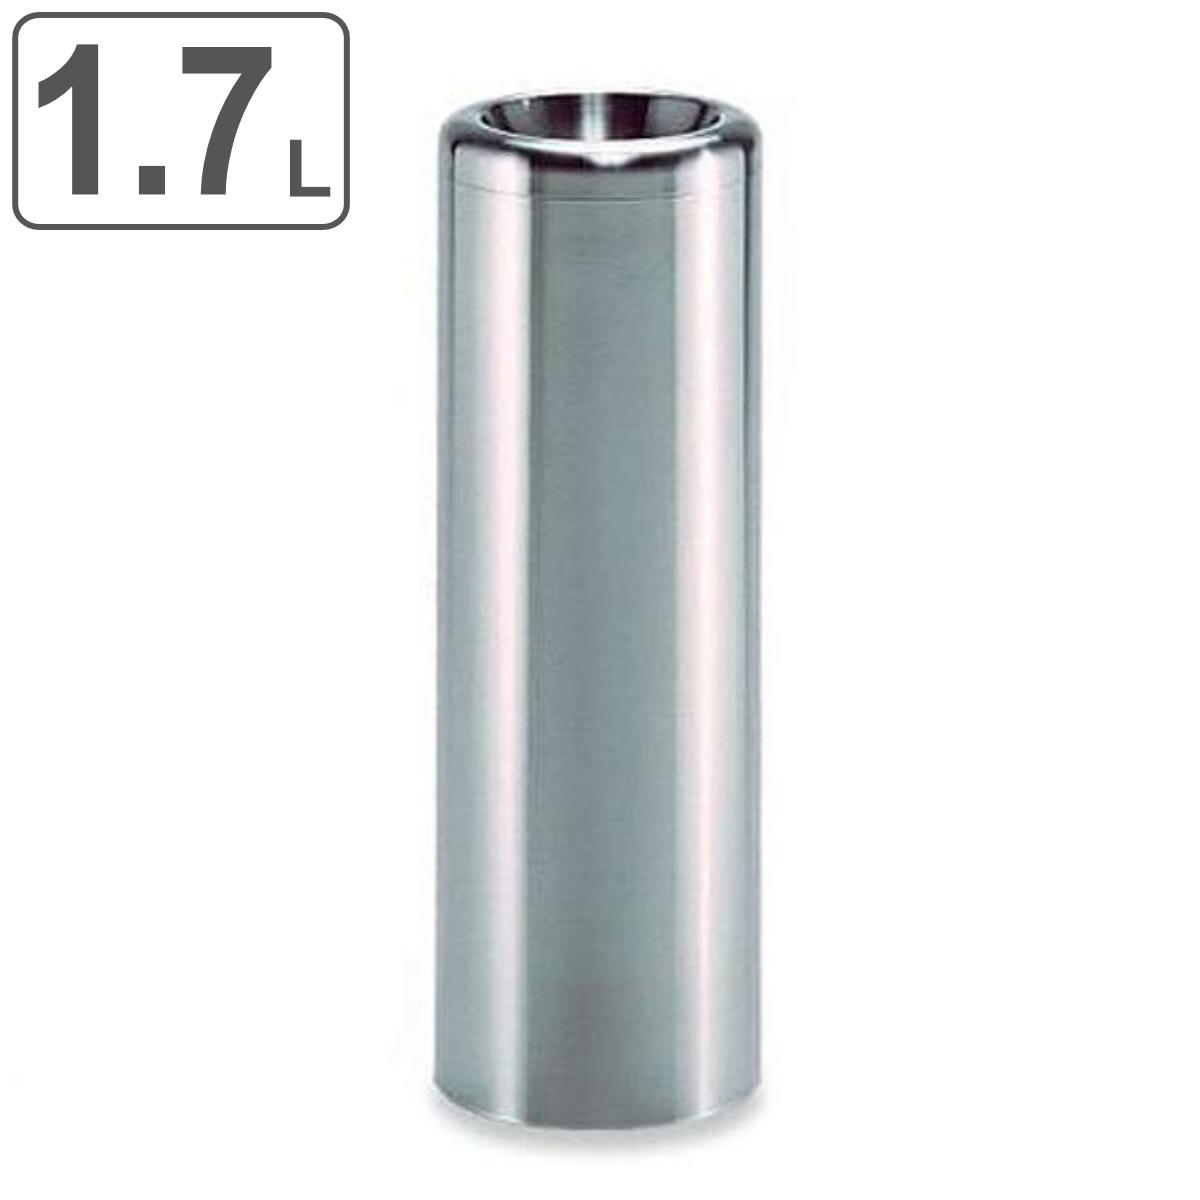 灰皿 スタンド丸型 ステンレス製 1.7L SM-120 ( 送料無料 スモーキングスタンド 吸いがら入れ ) 【4500円以上送料無料】